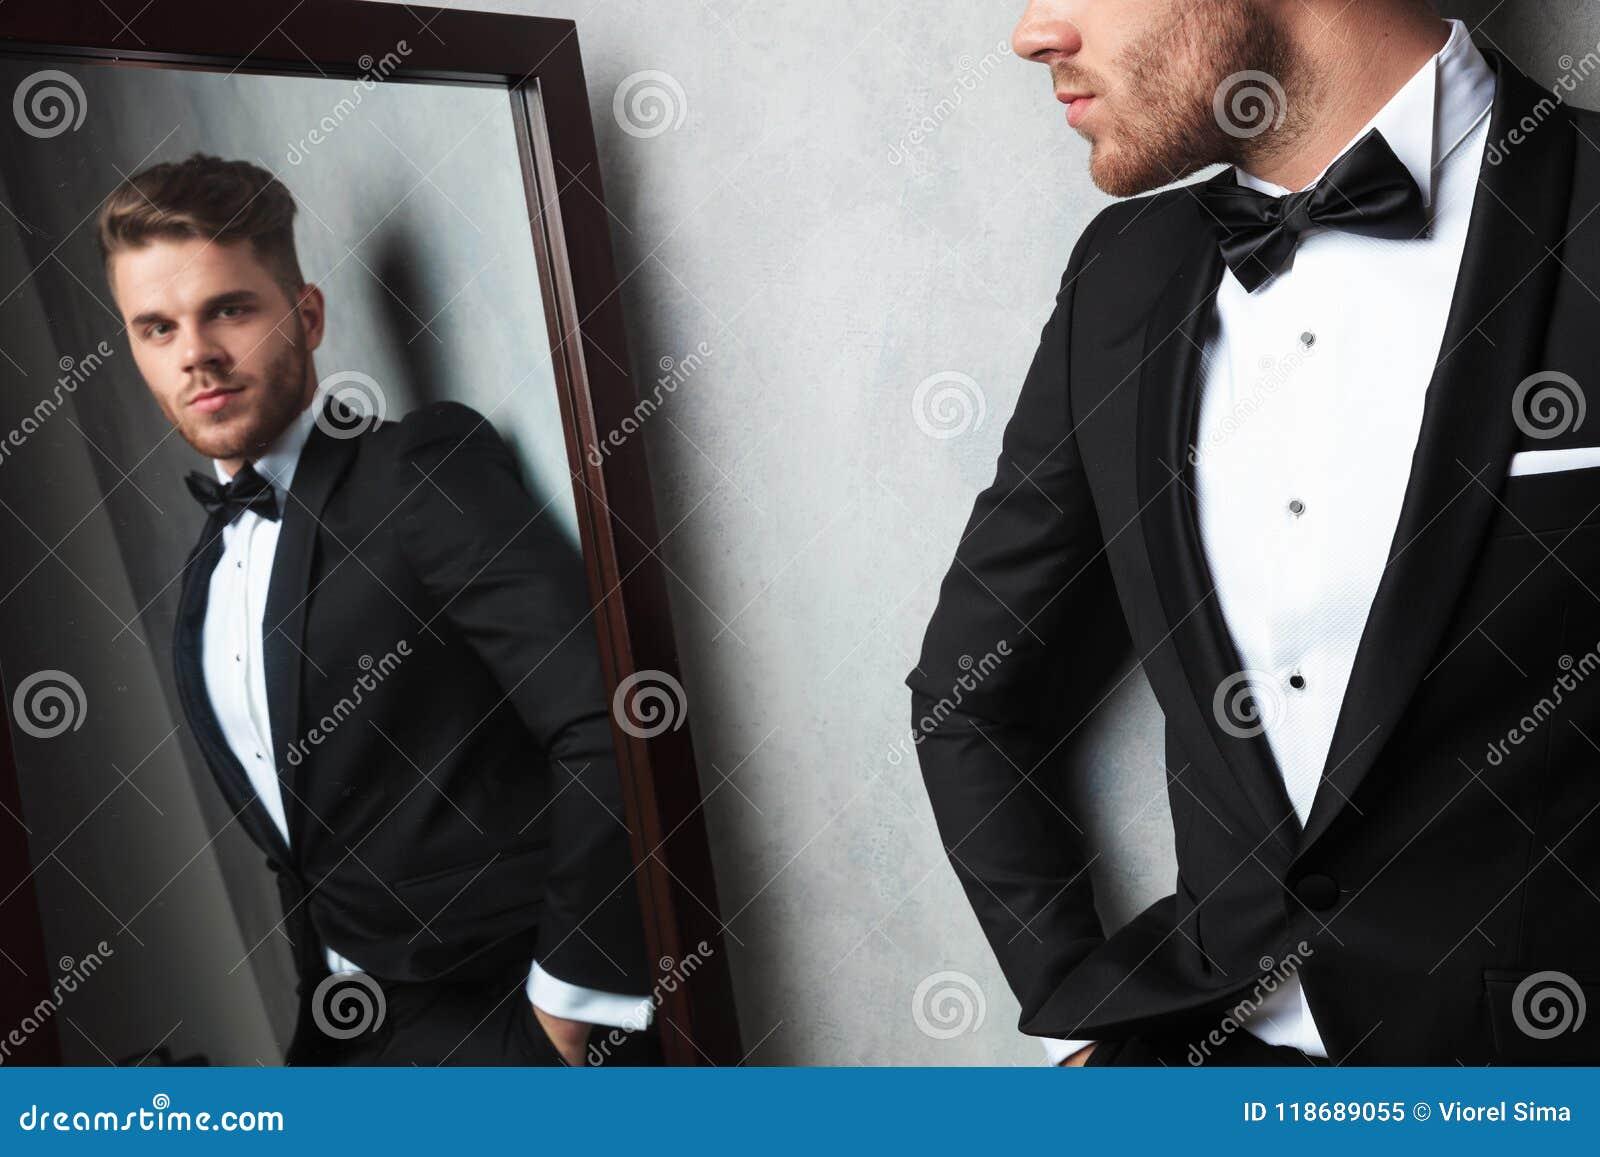 Αντανάκλαση καθρεφτών του χαλαρωμένου νεαρού άνδρα που φορά ένα μαύρο σμόκιν